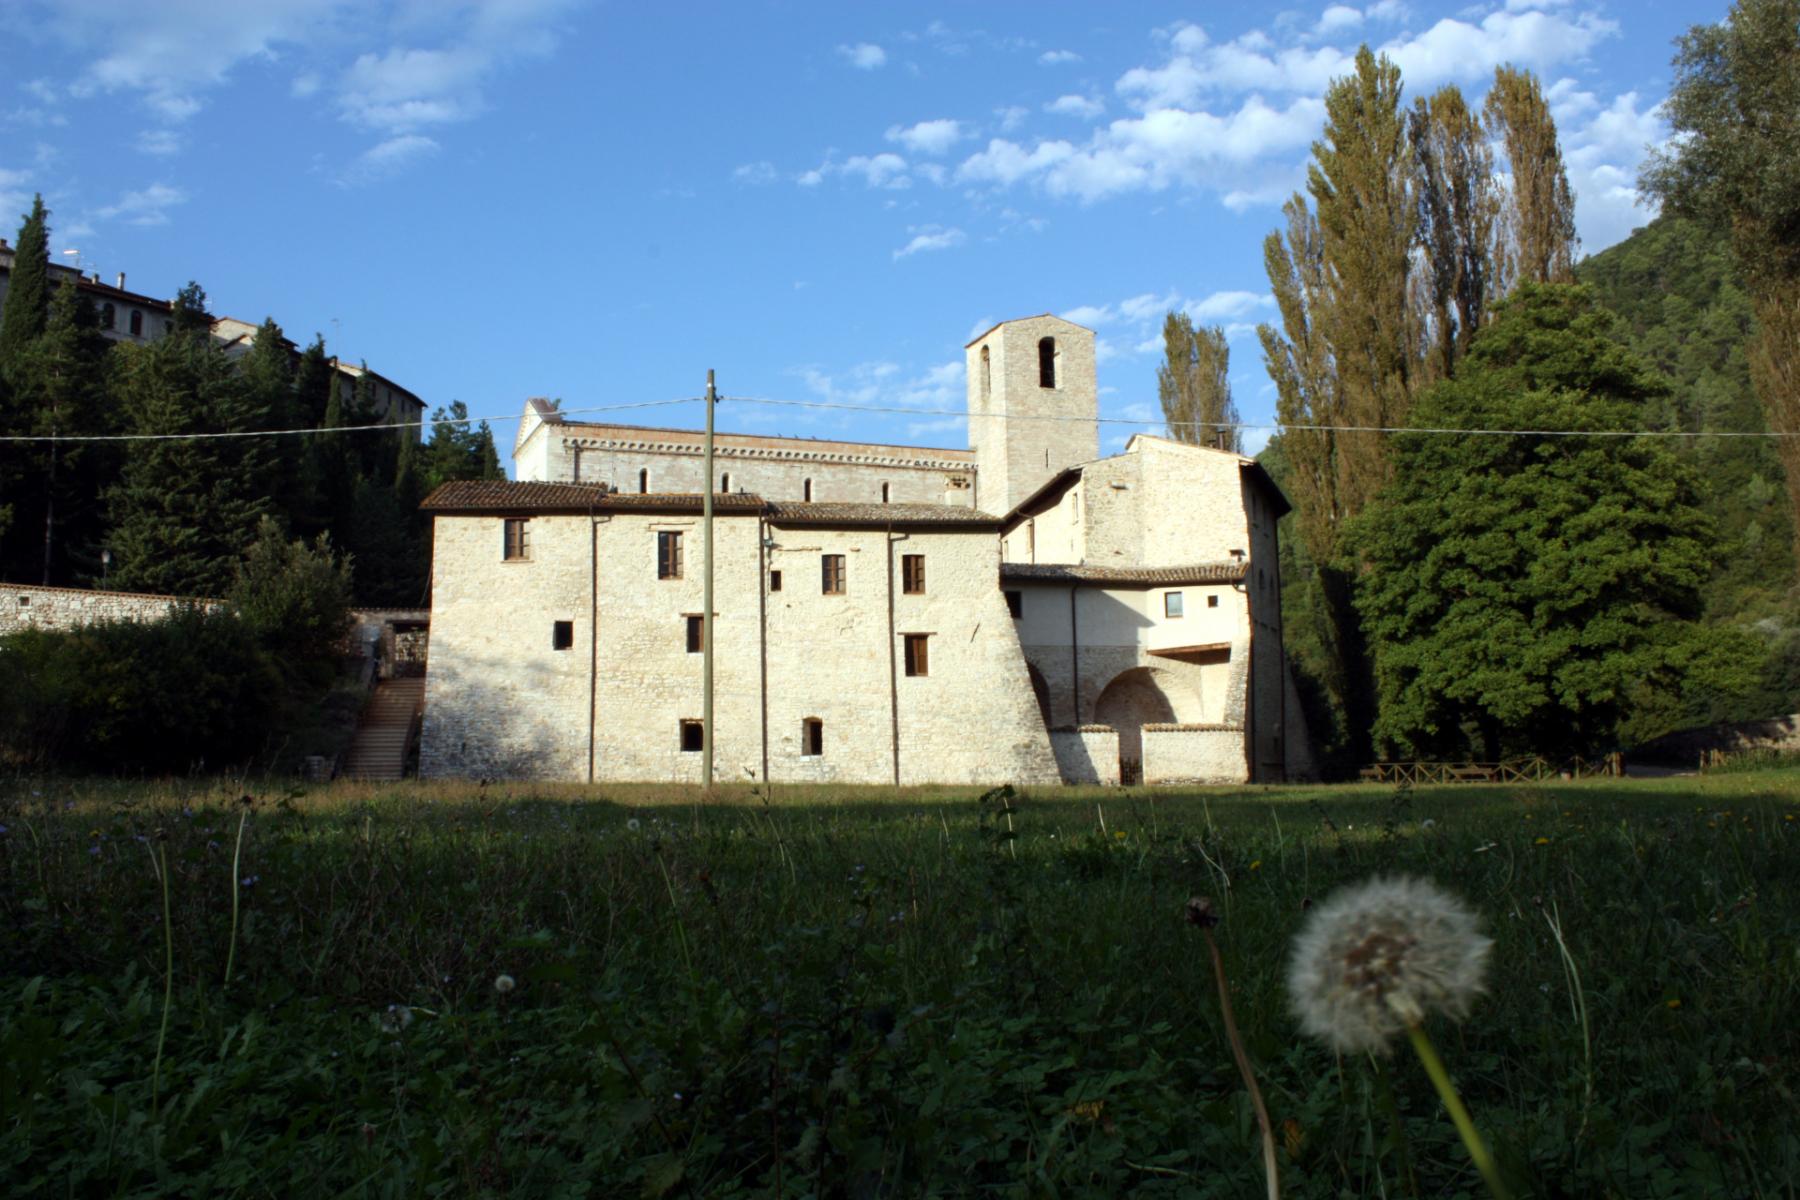 Chiesa di San Felice di Narco - locali abbaziali - Castel San Felice